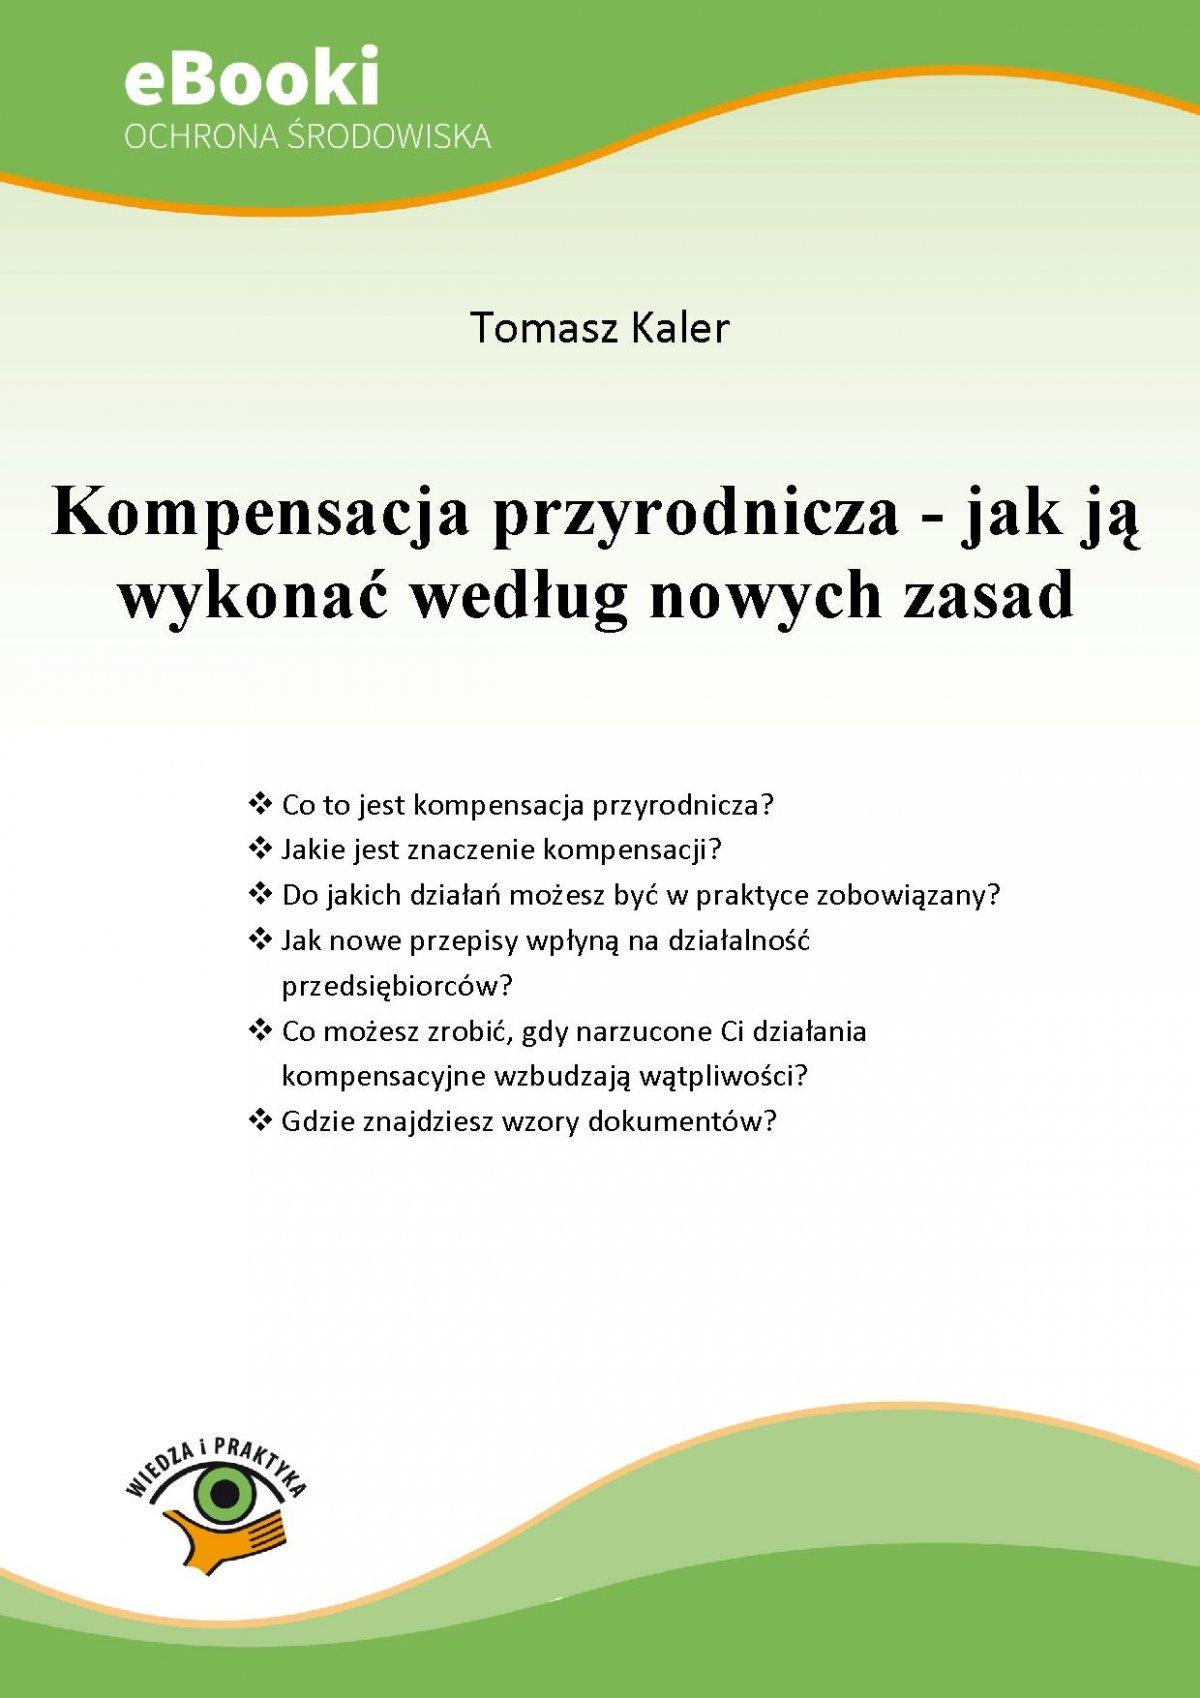 Kompensacja przyrodnicza - jak ją wykonać według nowych zasad - Ebook (Książka PDF) do pobrania w formacie PDF